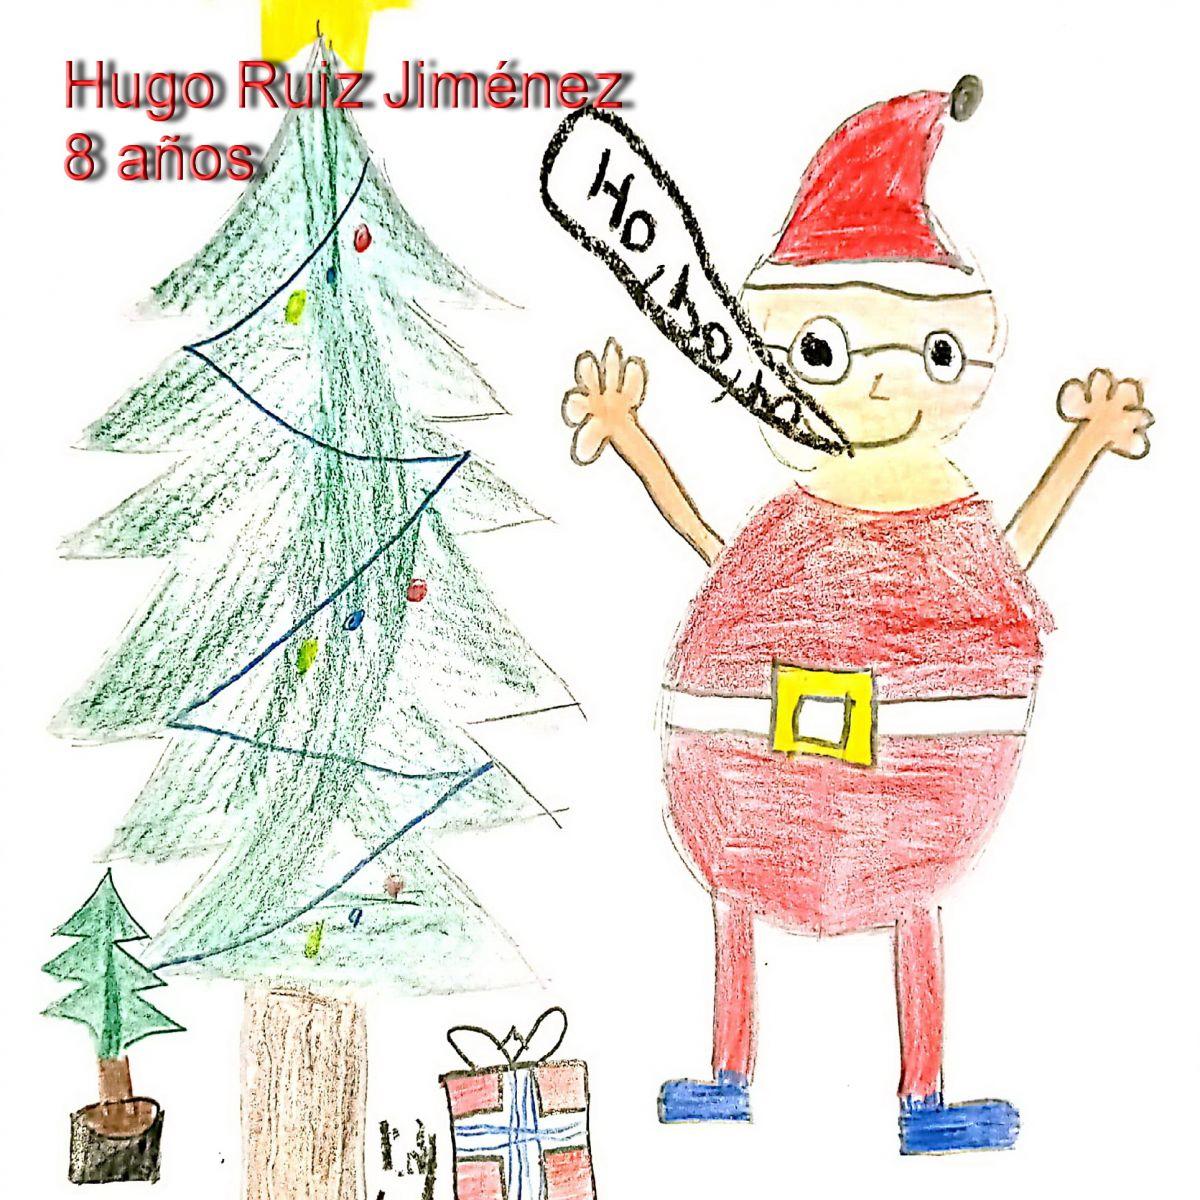 Hugo-Ruiz-Jimenez-8-Cronicas-de-Navidad